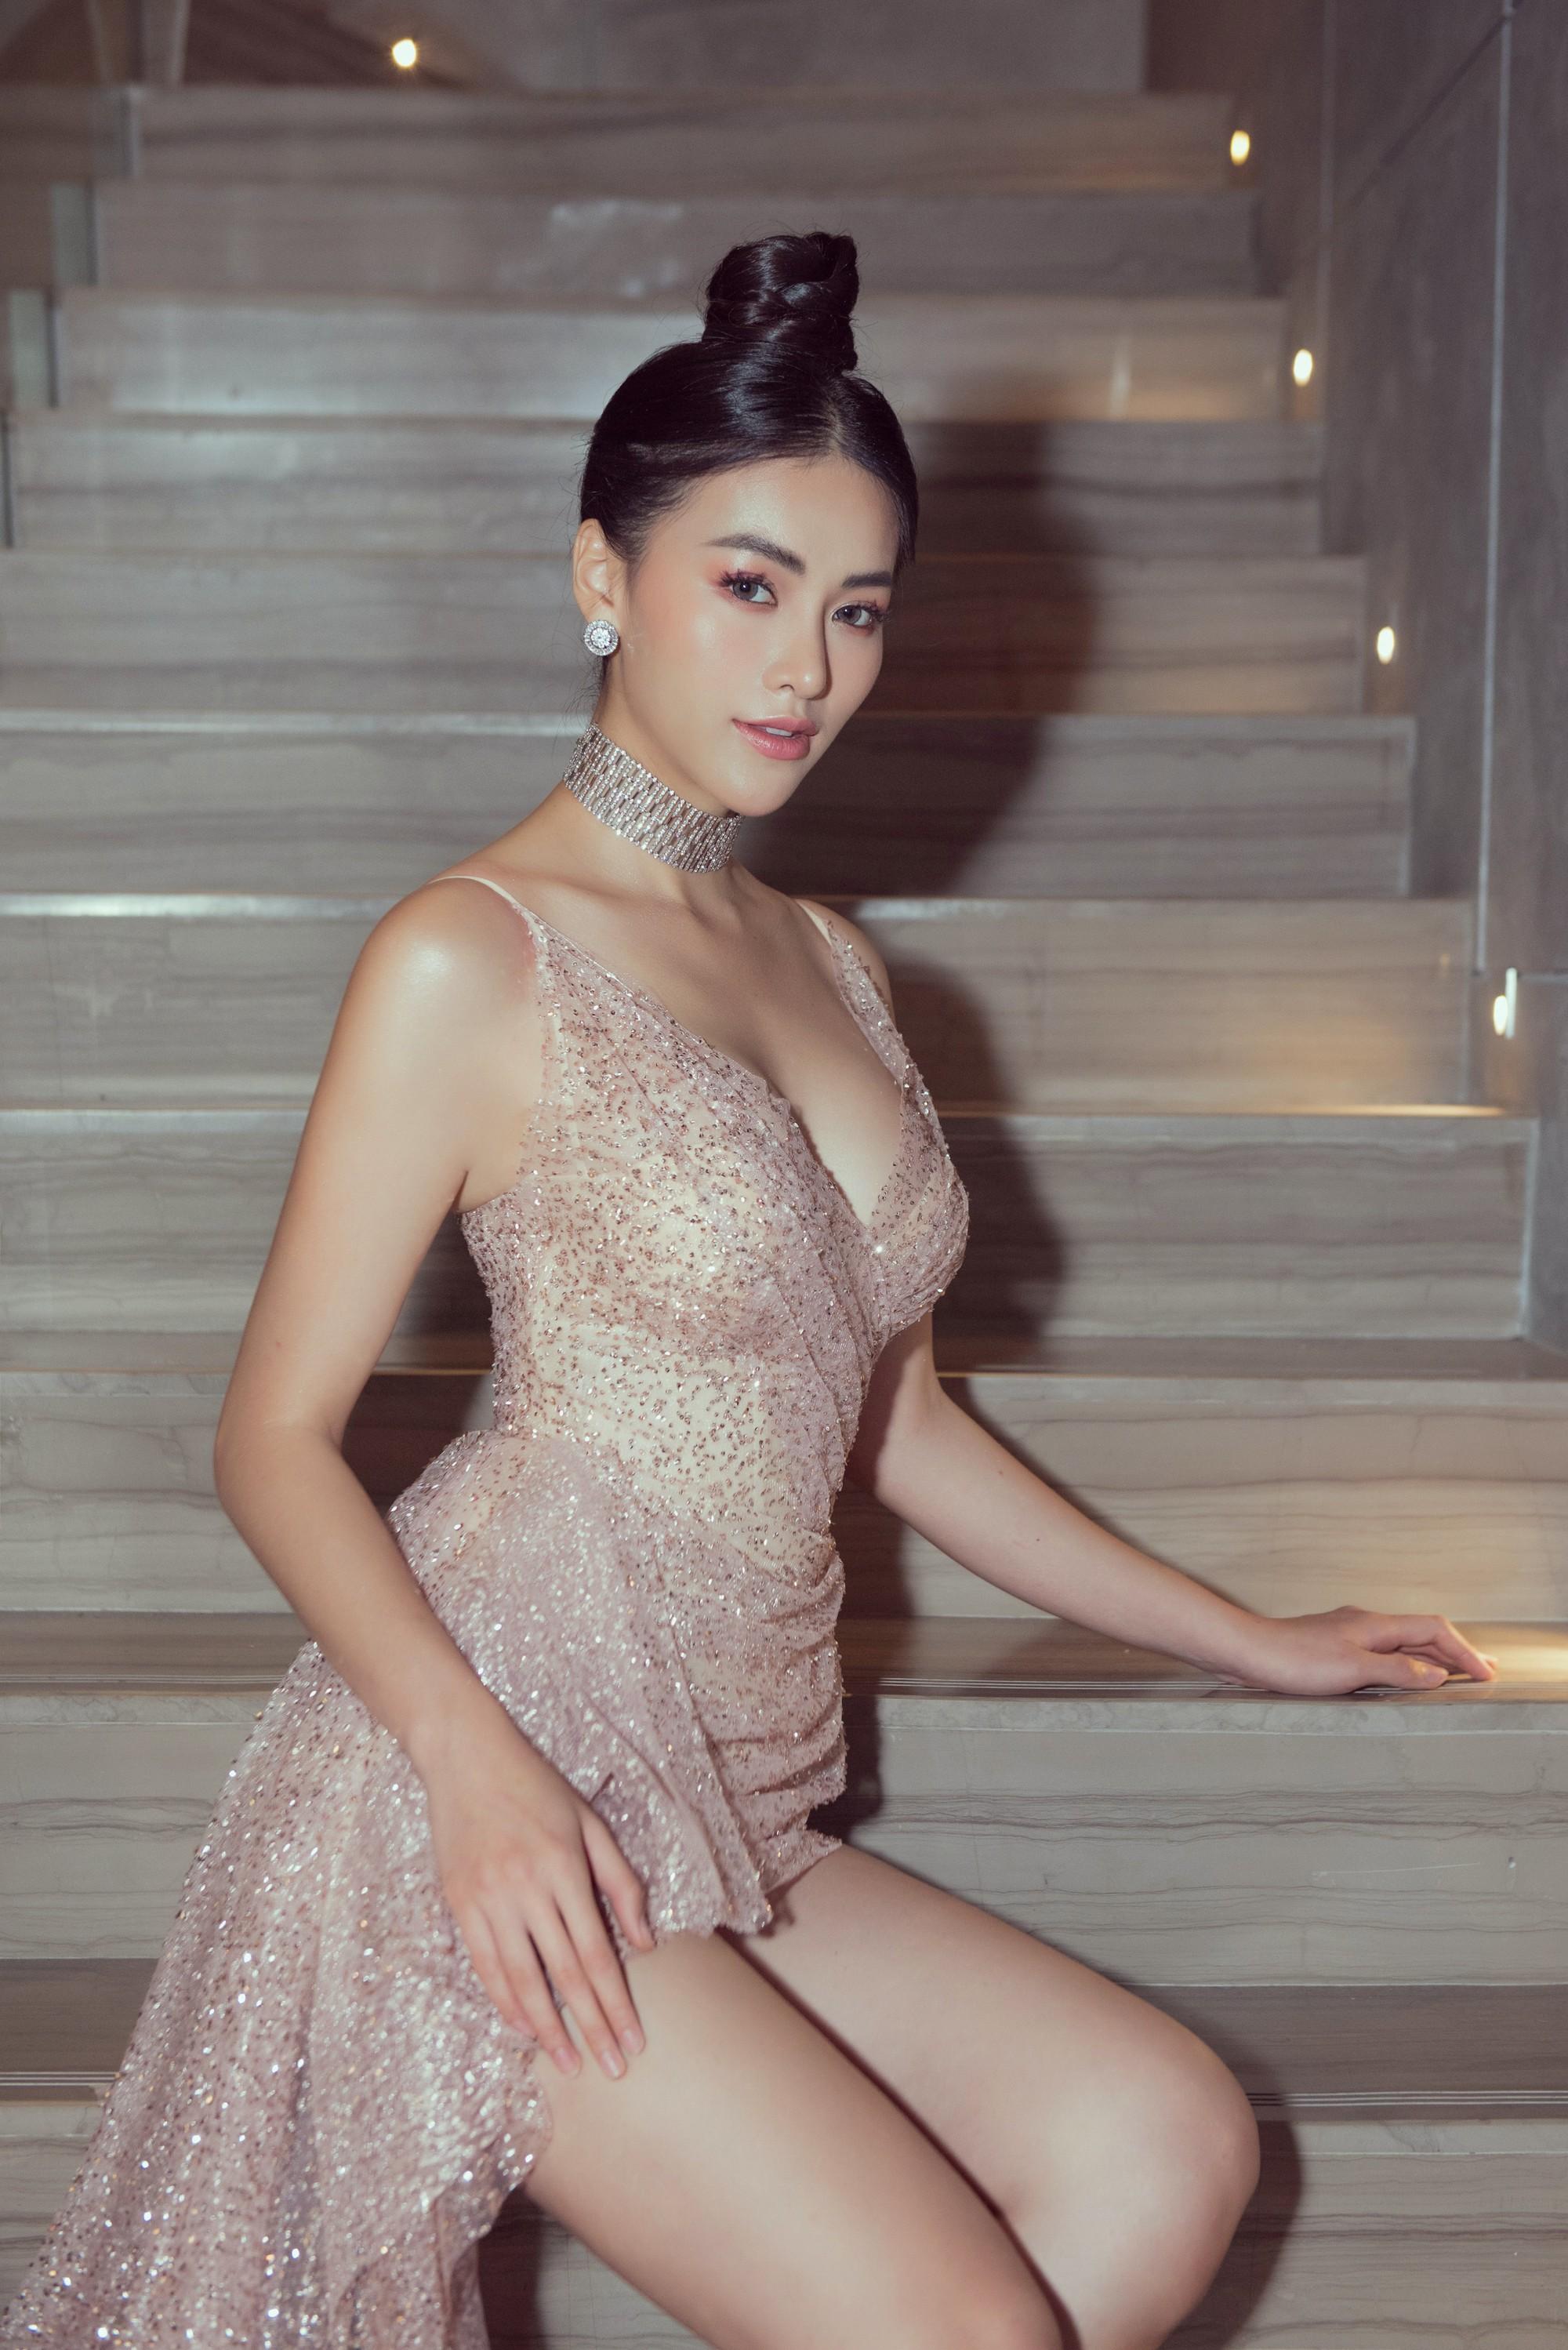 Hoa hậu và chuyện cánh tay to, bụng sồ sề khi chưa photoshop: Đâu phải nữ thần để đòi hỏi đẹp hoàn hảo 100%-3